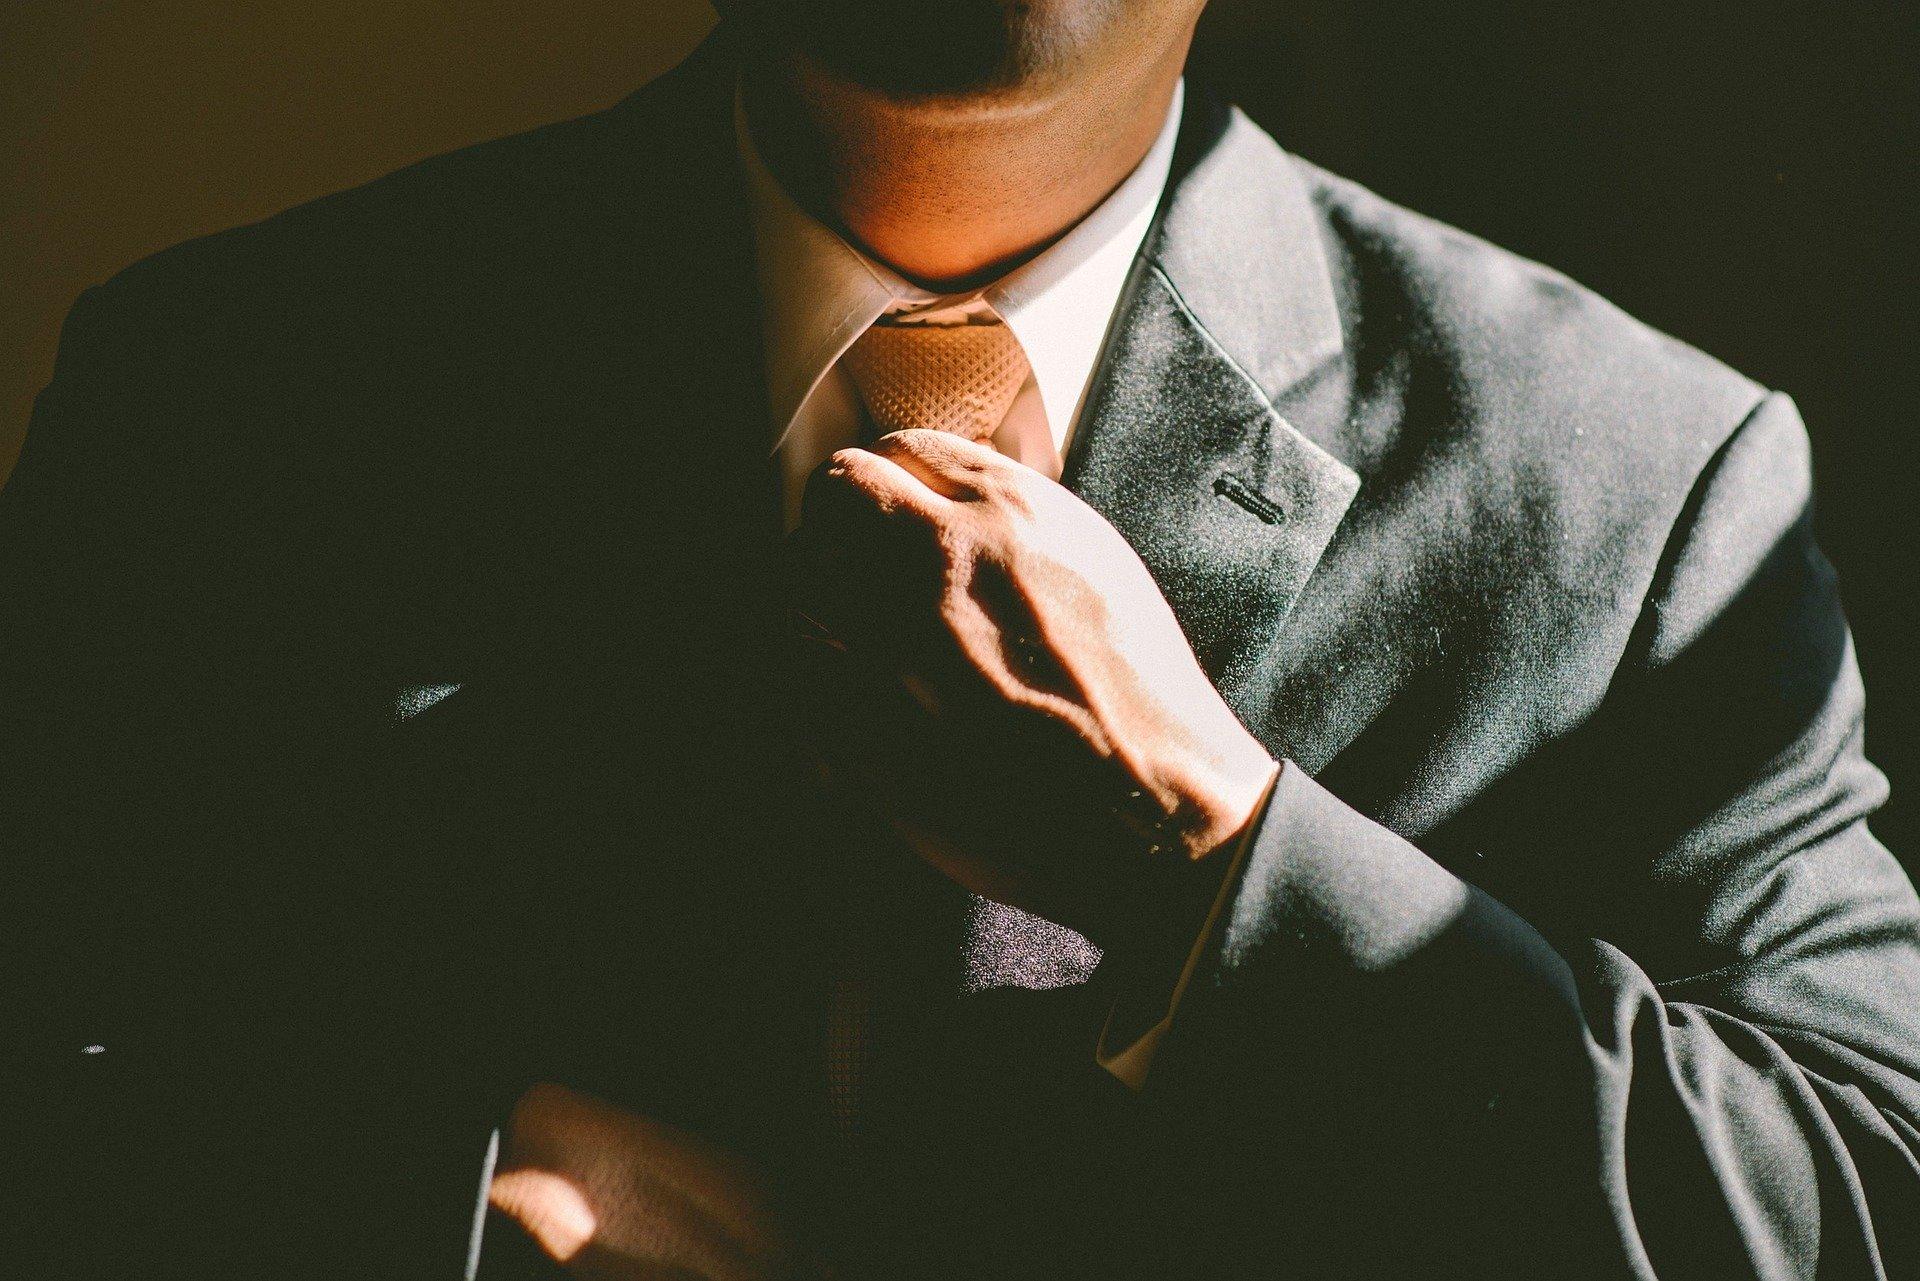 СМИ Австрии: Те, кто одеваются «богаче», кажутся более компетентными